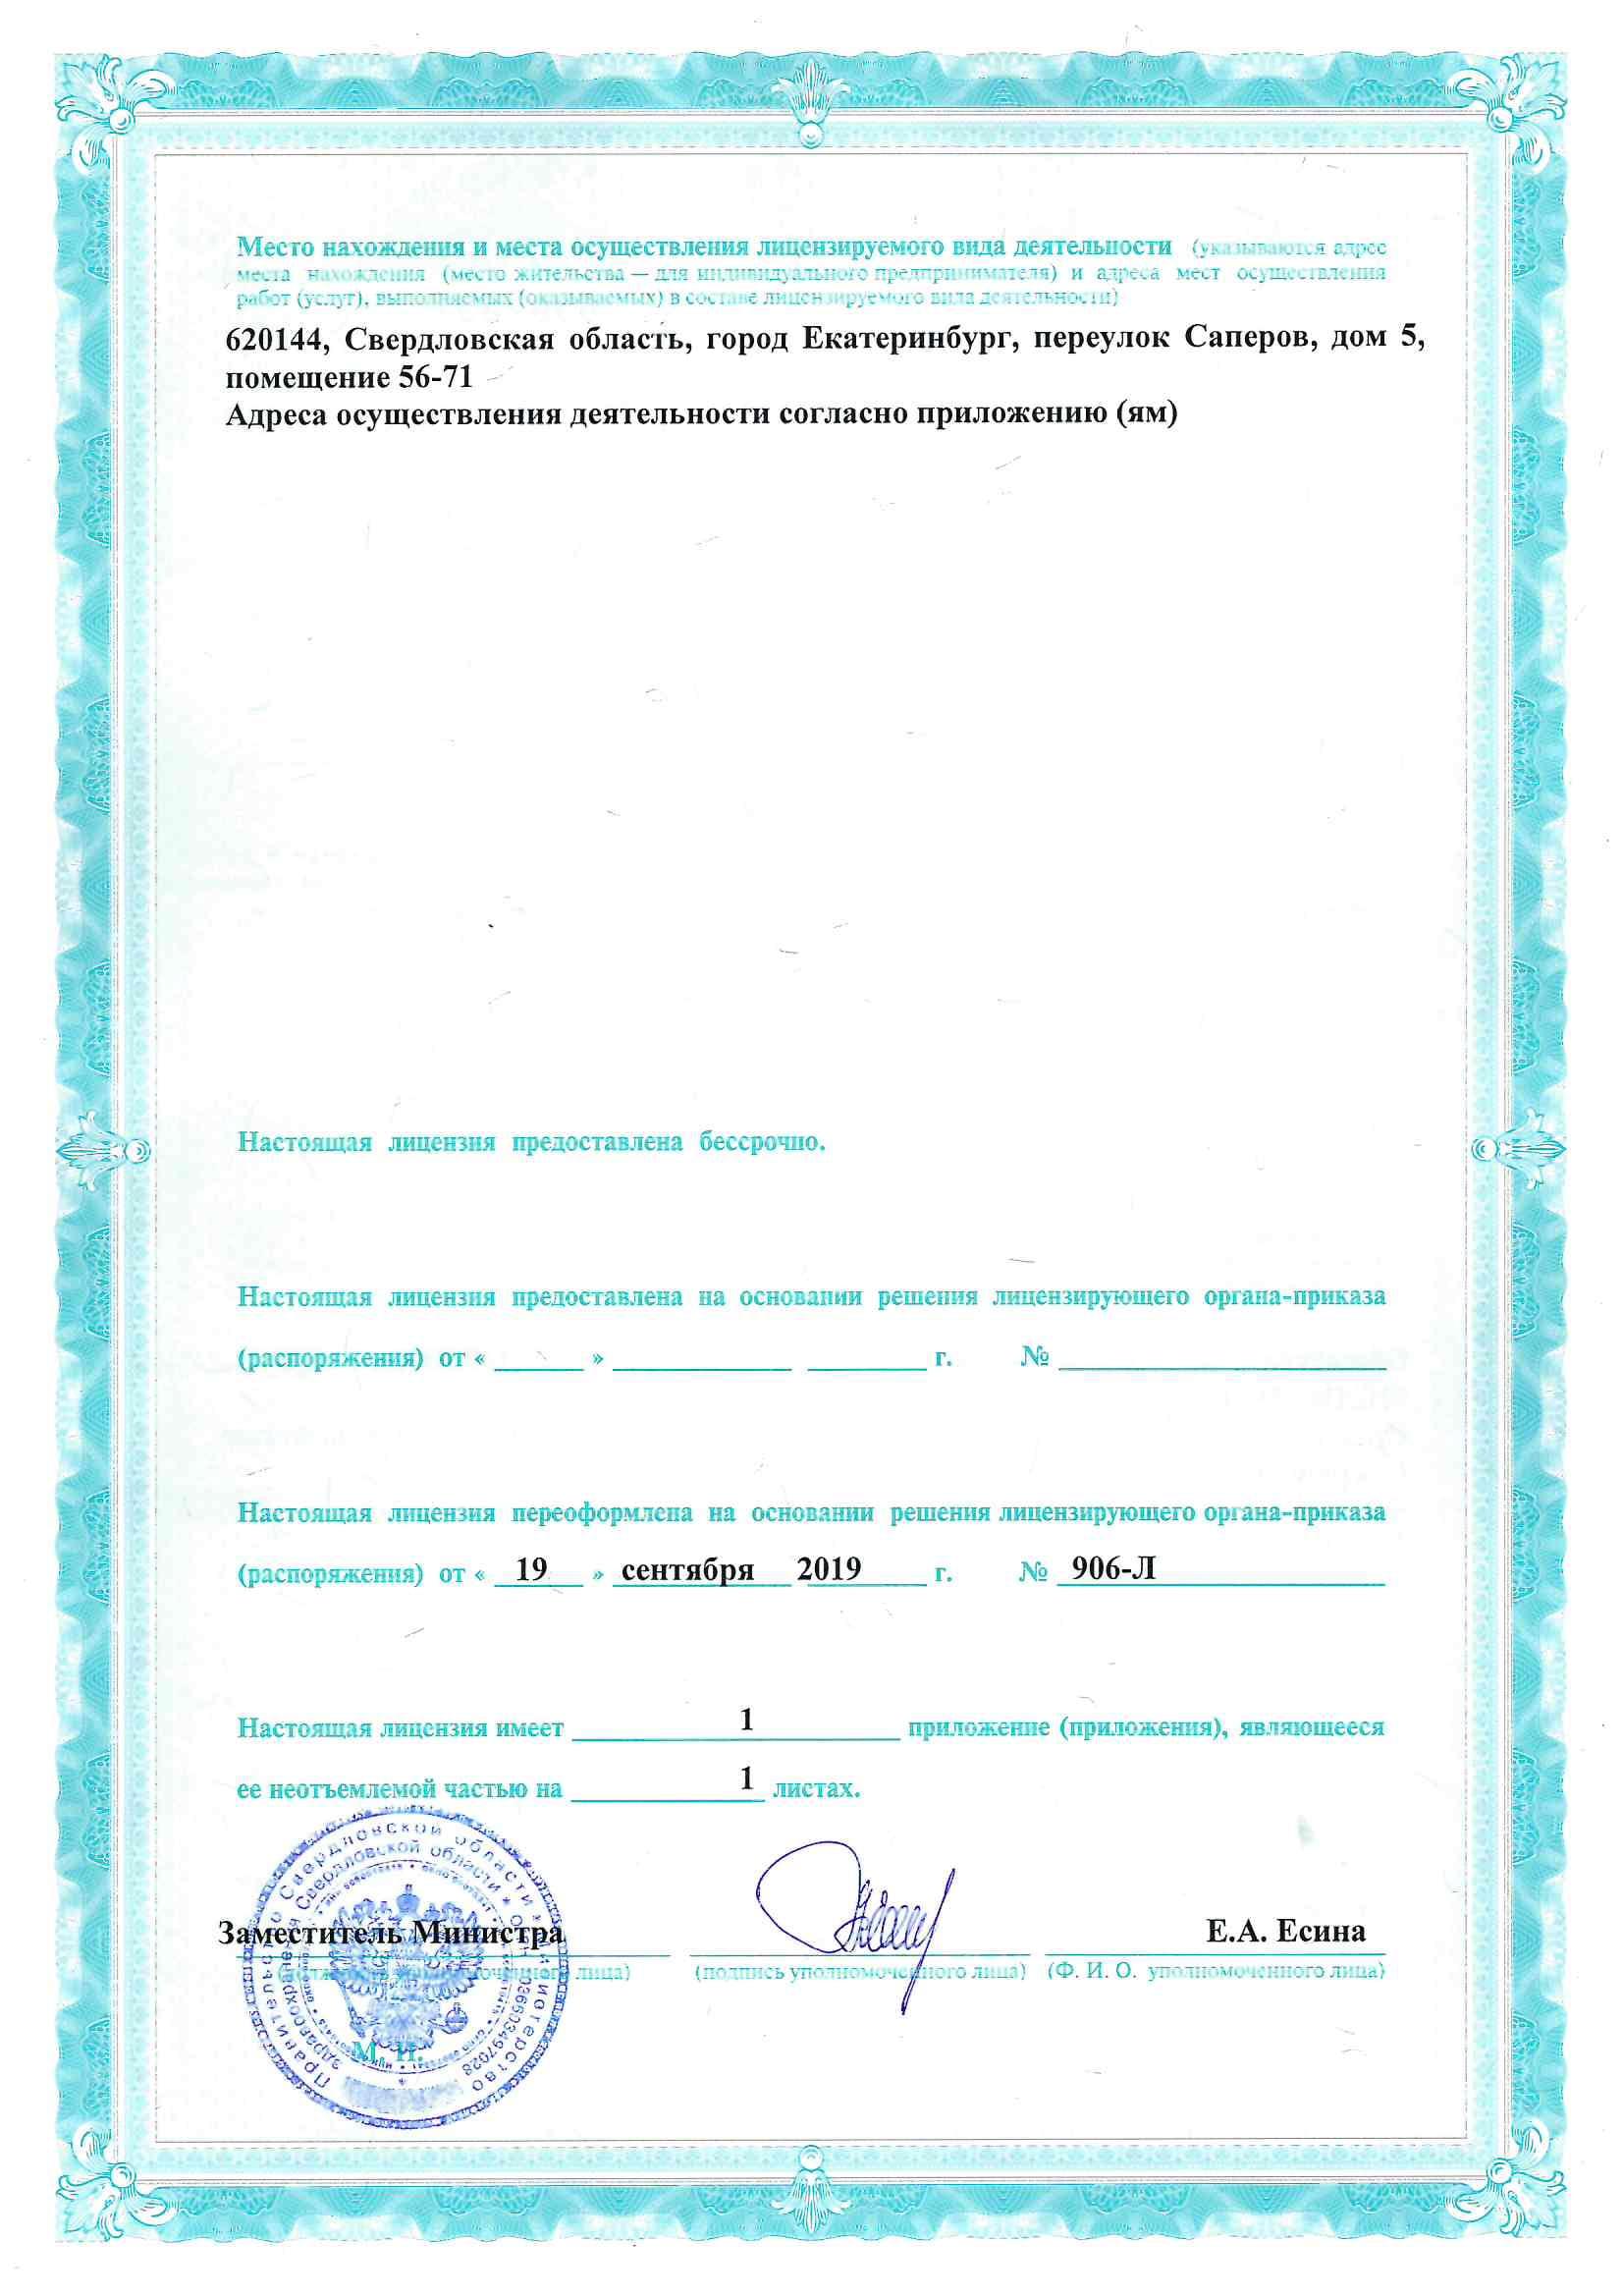 Лицензия Министерства здравоохранения Свердловской области